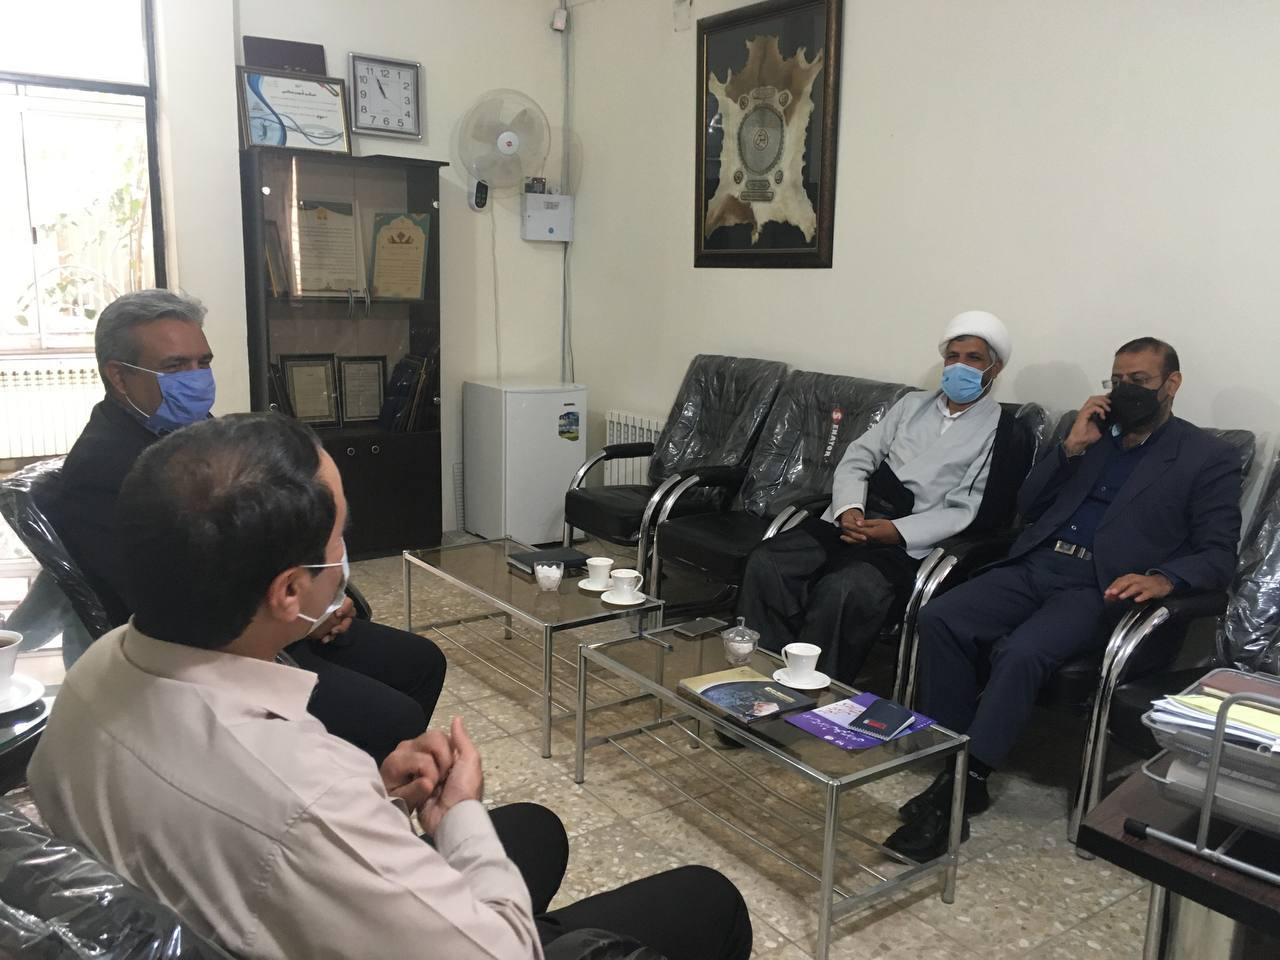 دیدار ریاست و معاونت اداره زندان فردوس با رئیس هیئت امنای موسسه آموزش عالی پیروزان